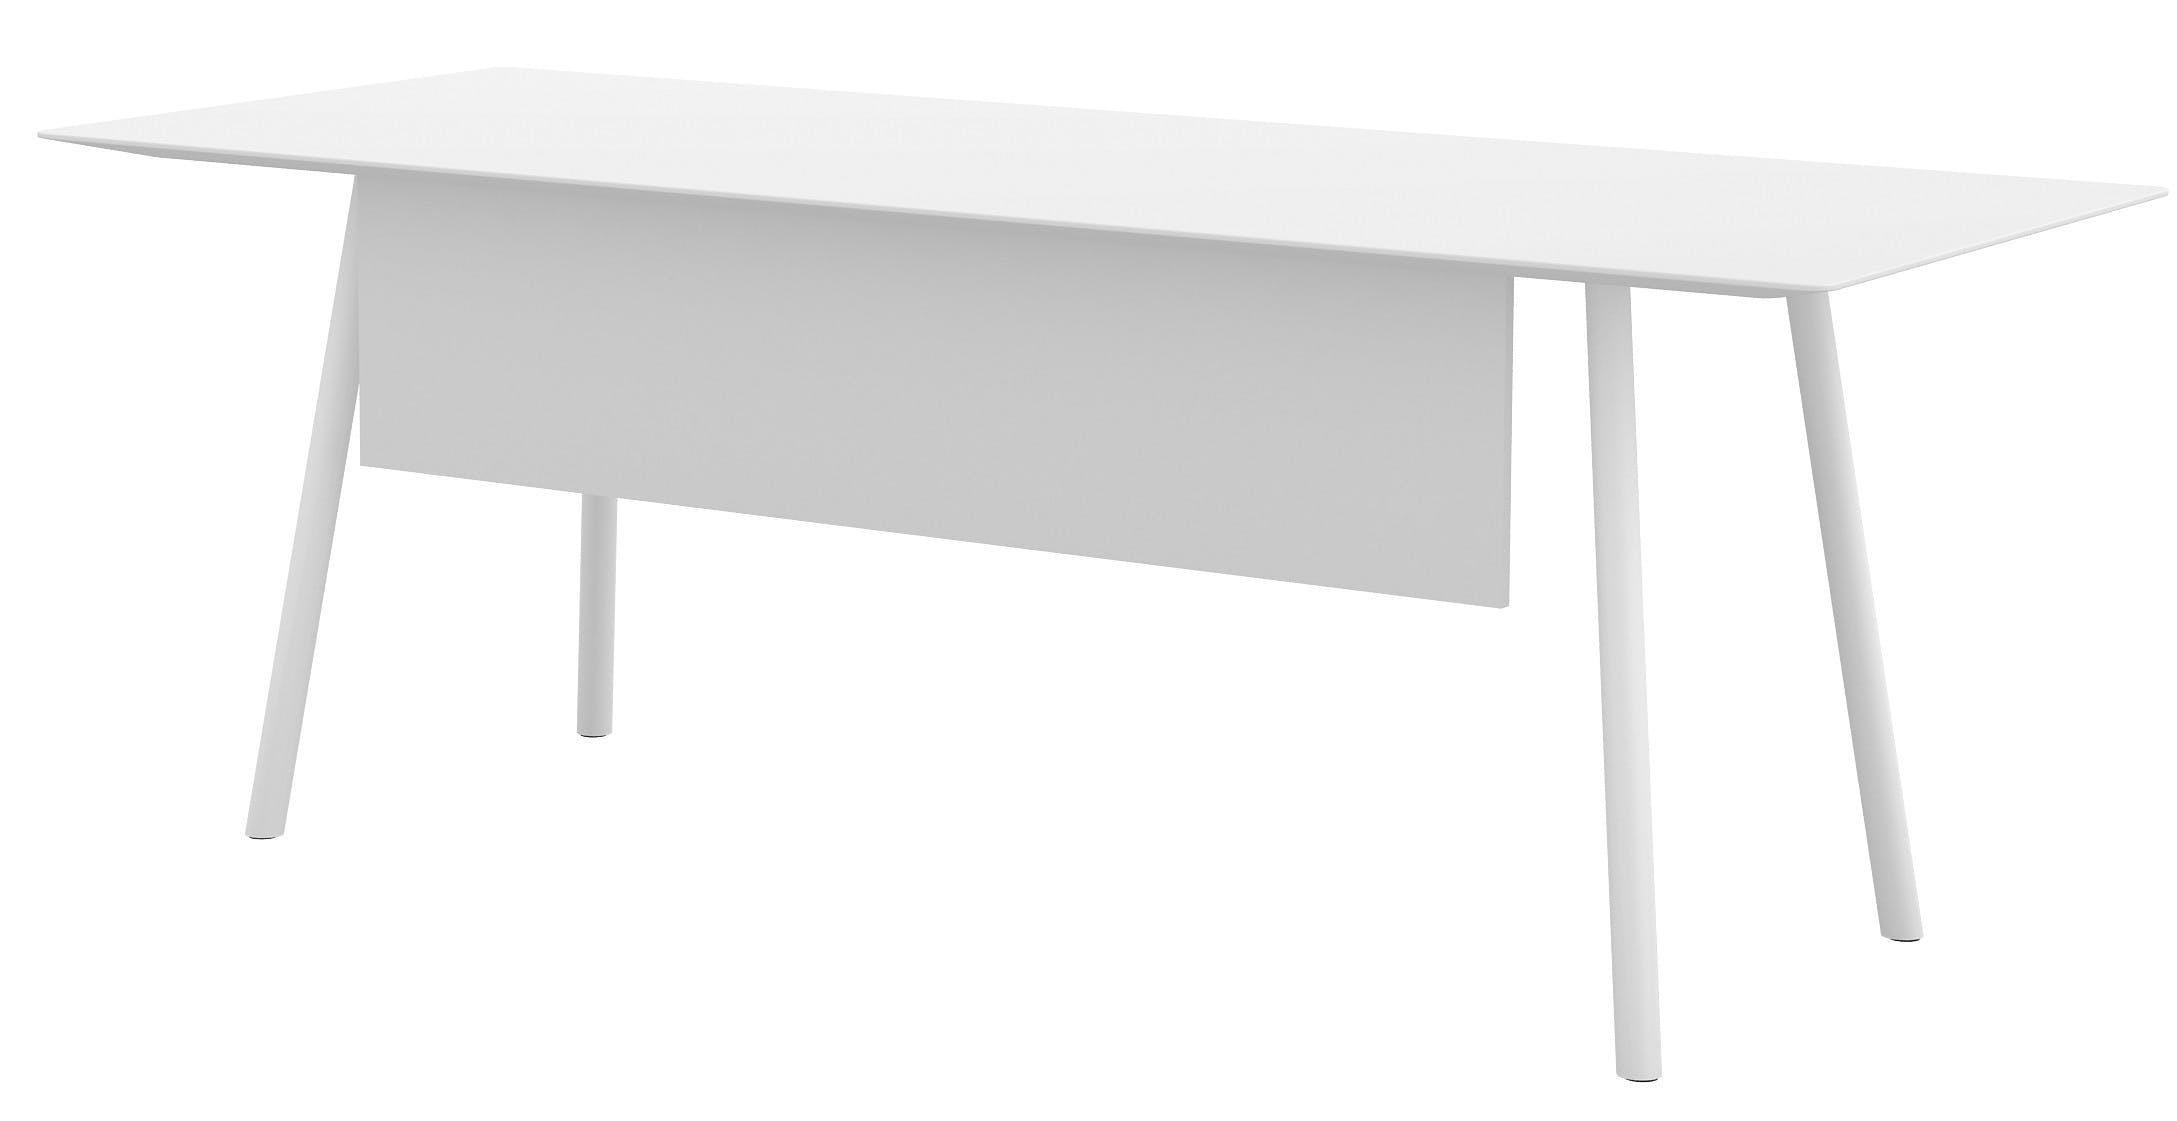 Viccarbe-desk-back-maarten-table-haute-living